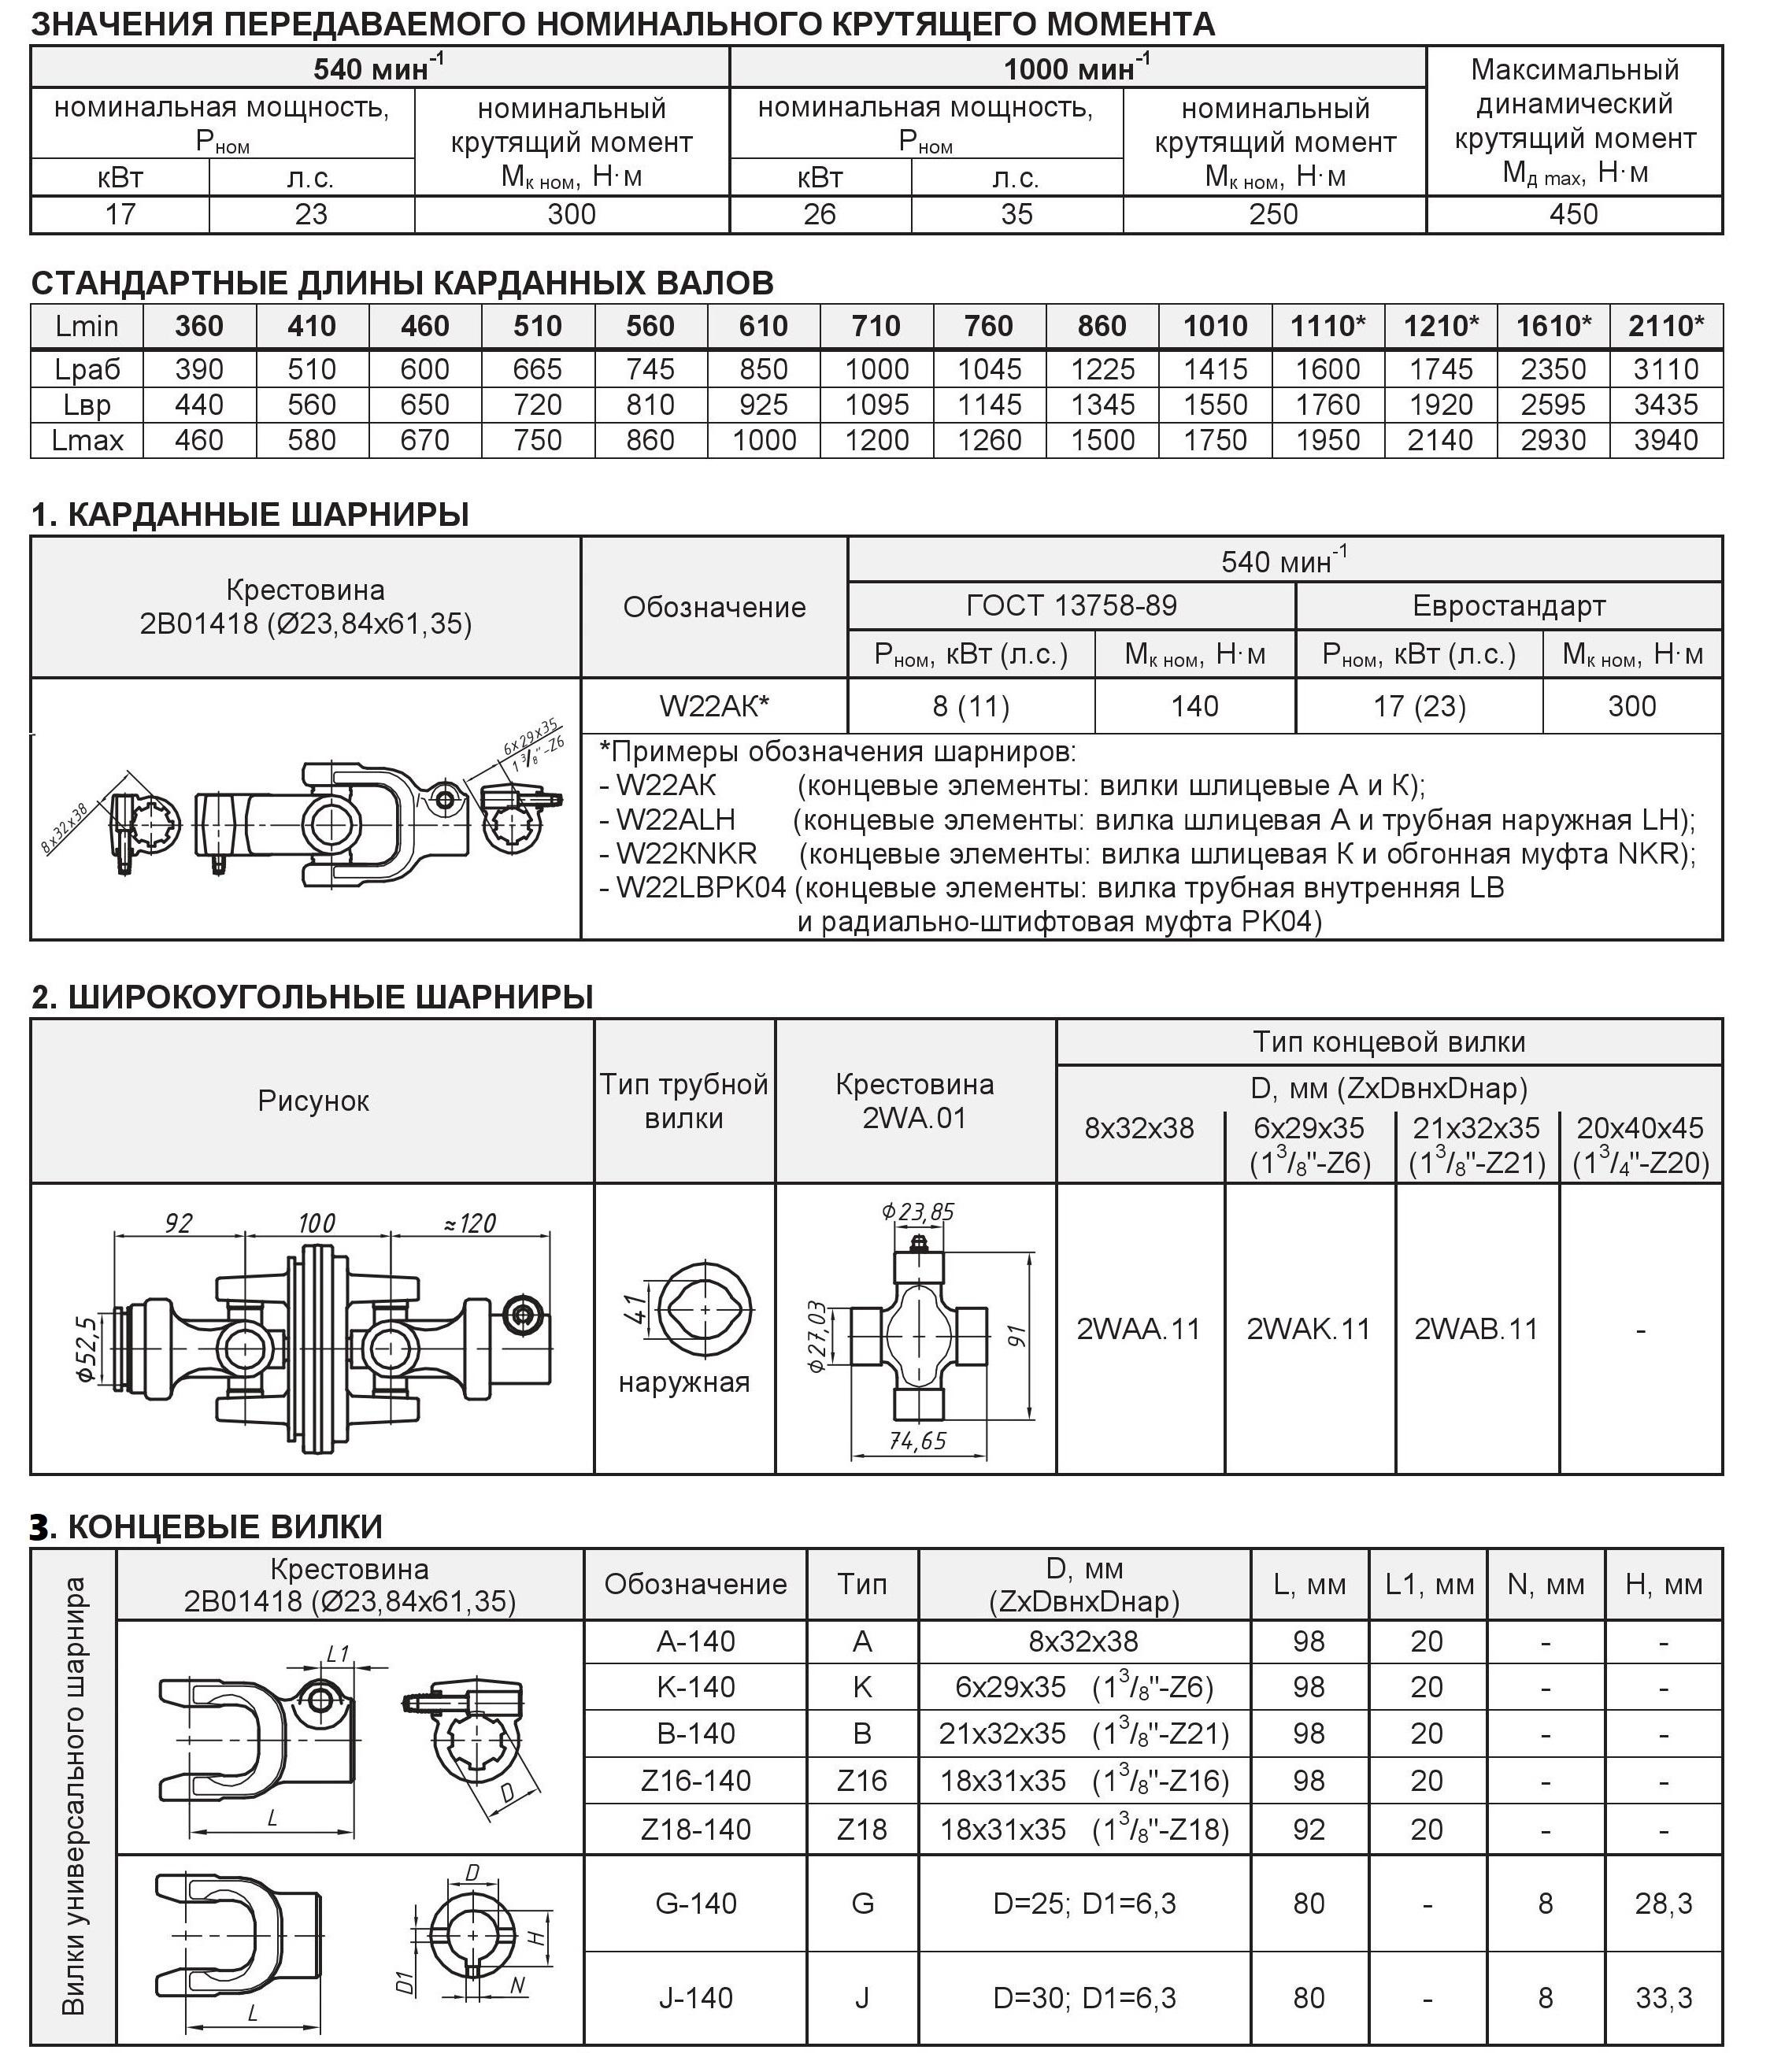 Таблица элементов карданных валов серии L2